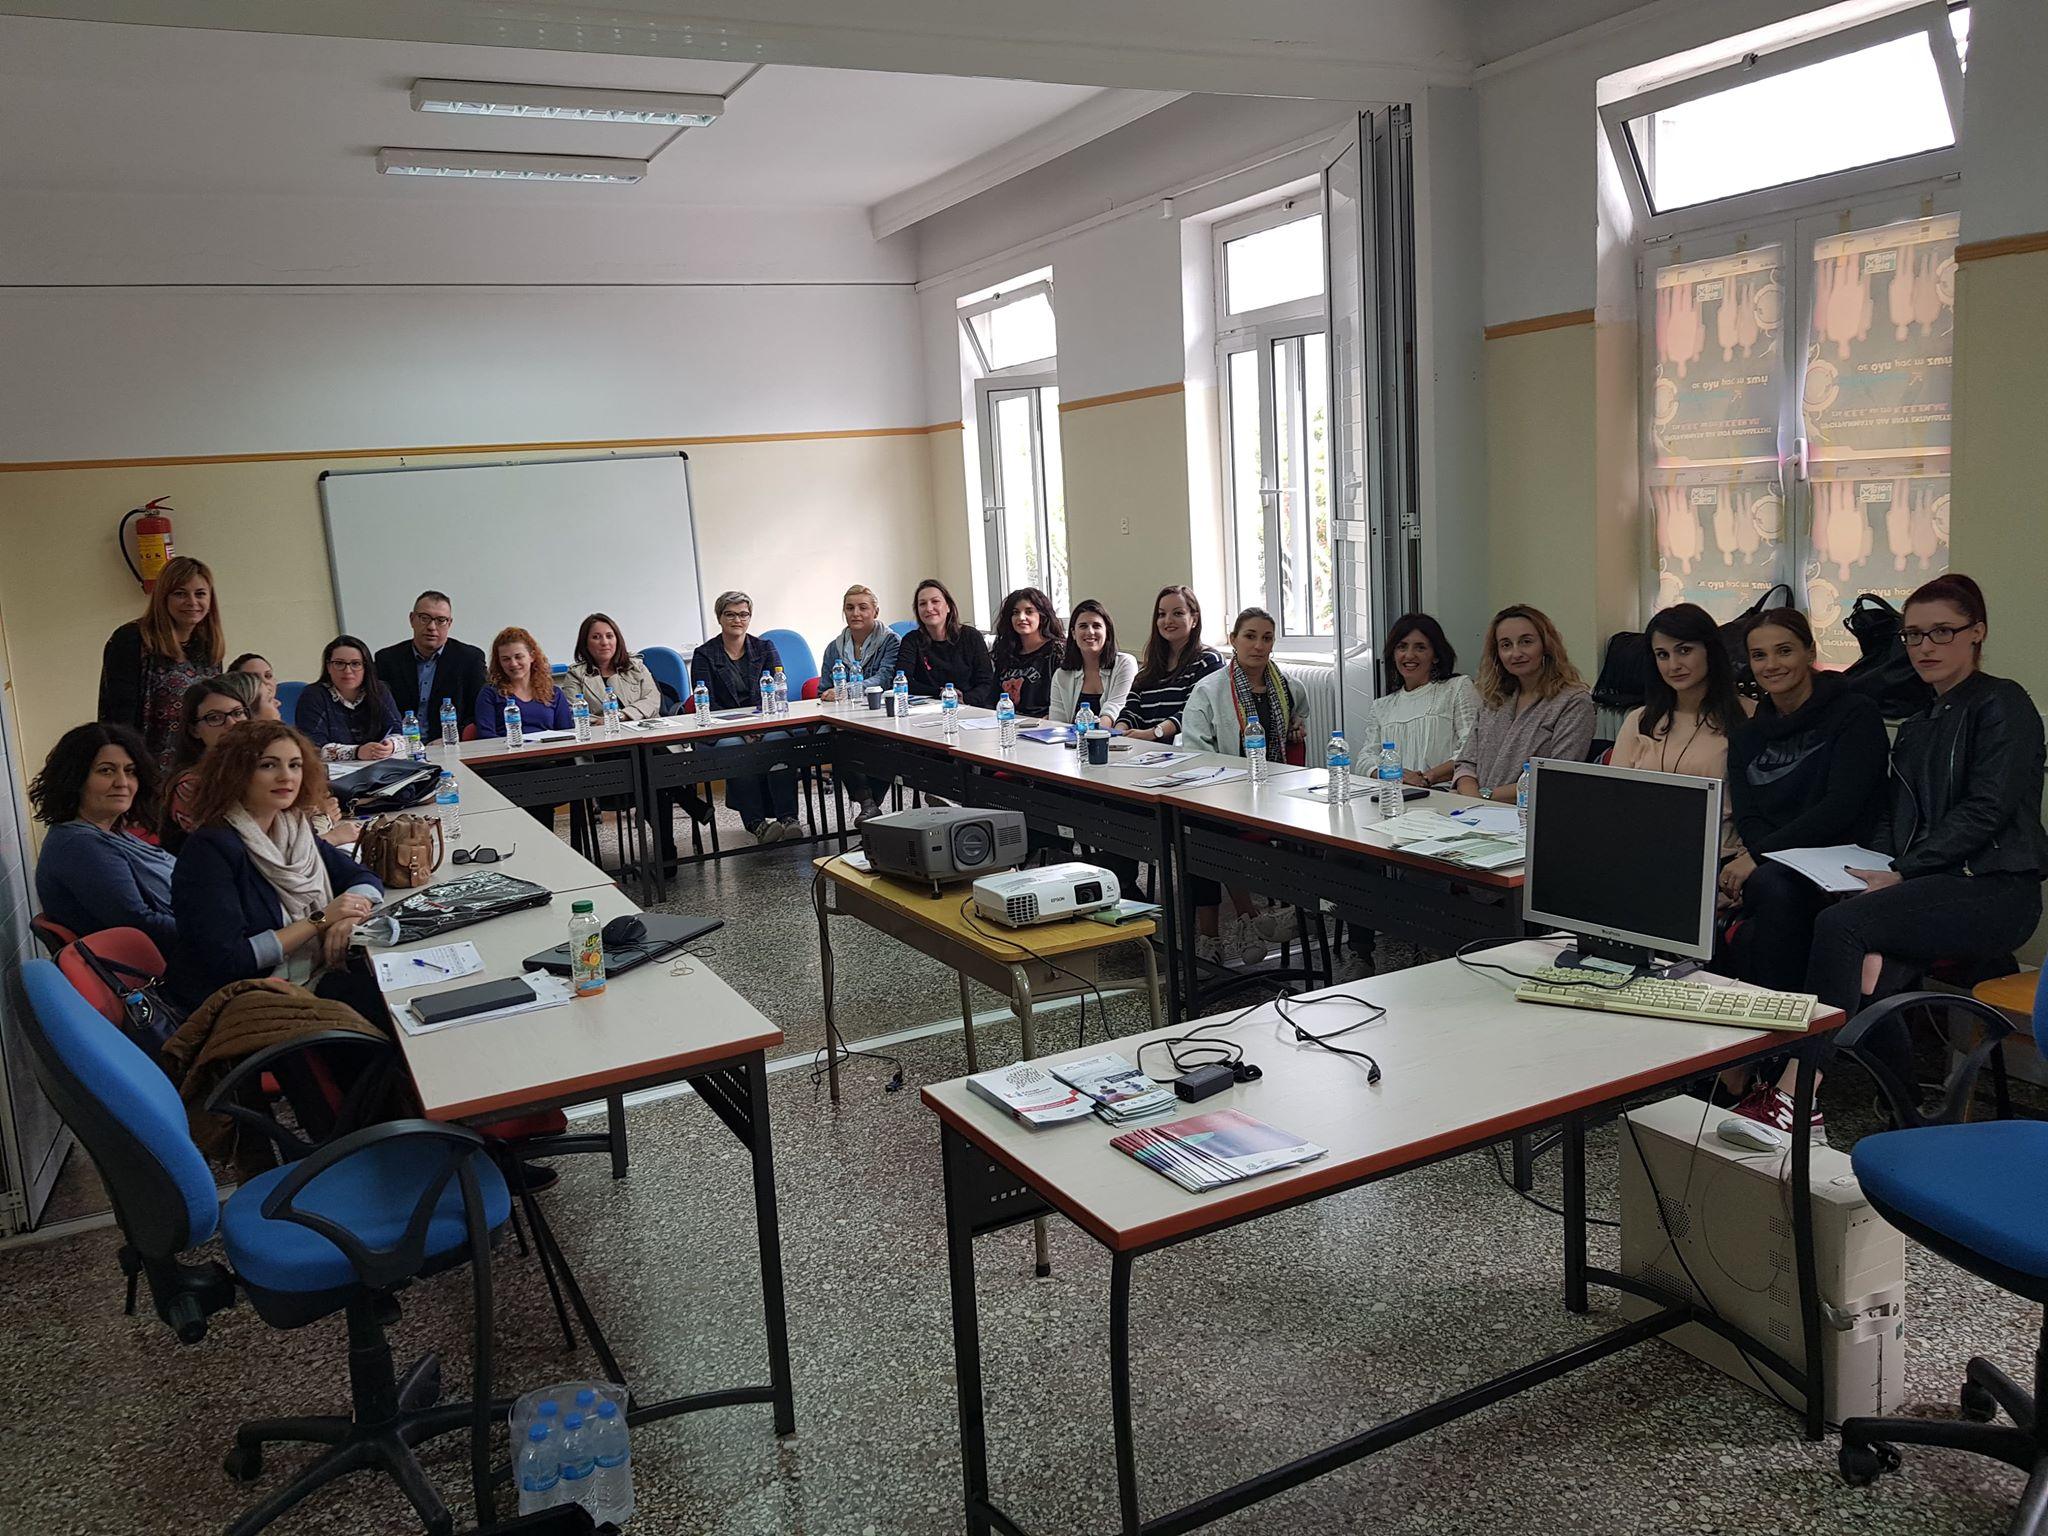 Συνάντηση εργασίας των Κέντρων Κοινότητας Θεσσαλίας με το Πανεπιστήμιο Θεσσαλίας στη Λάρισα